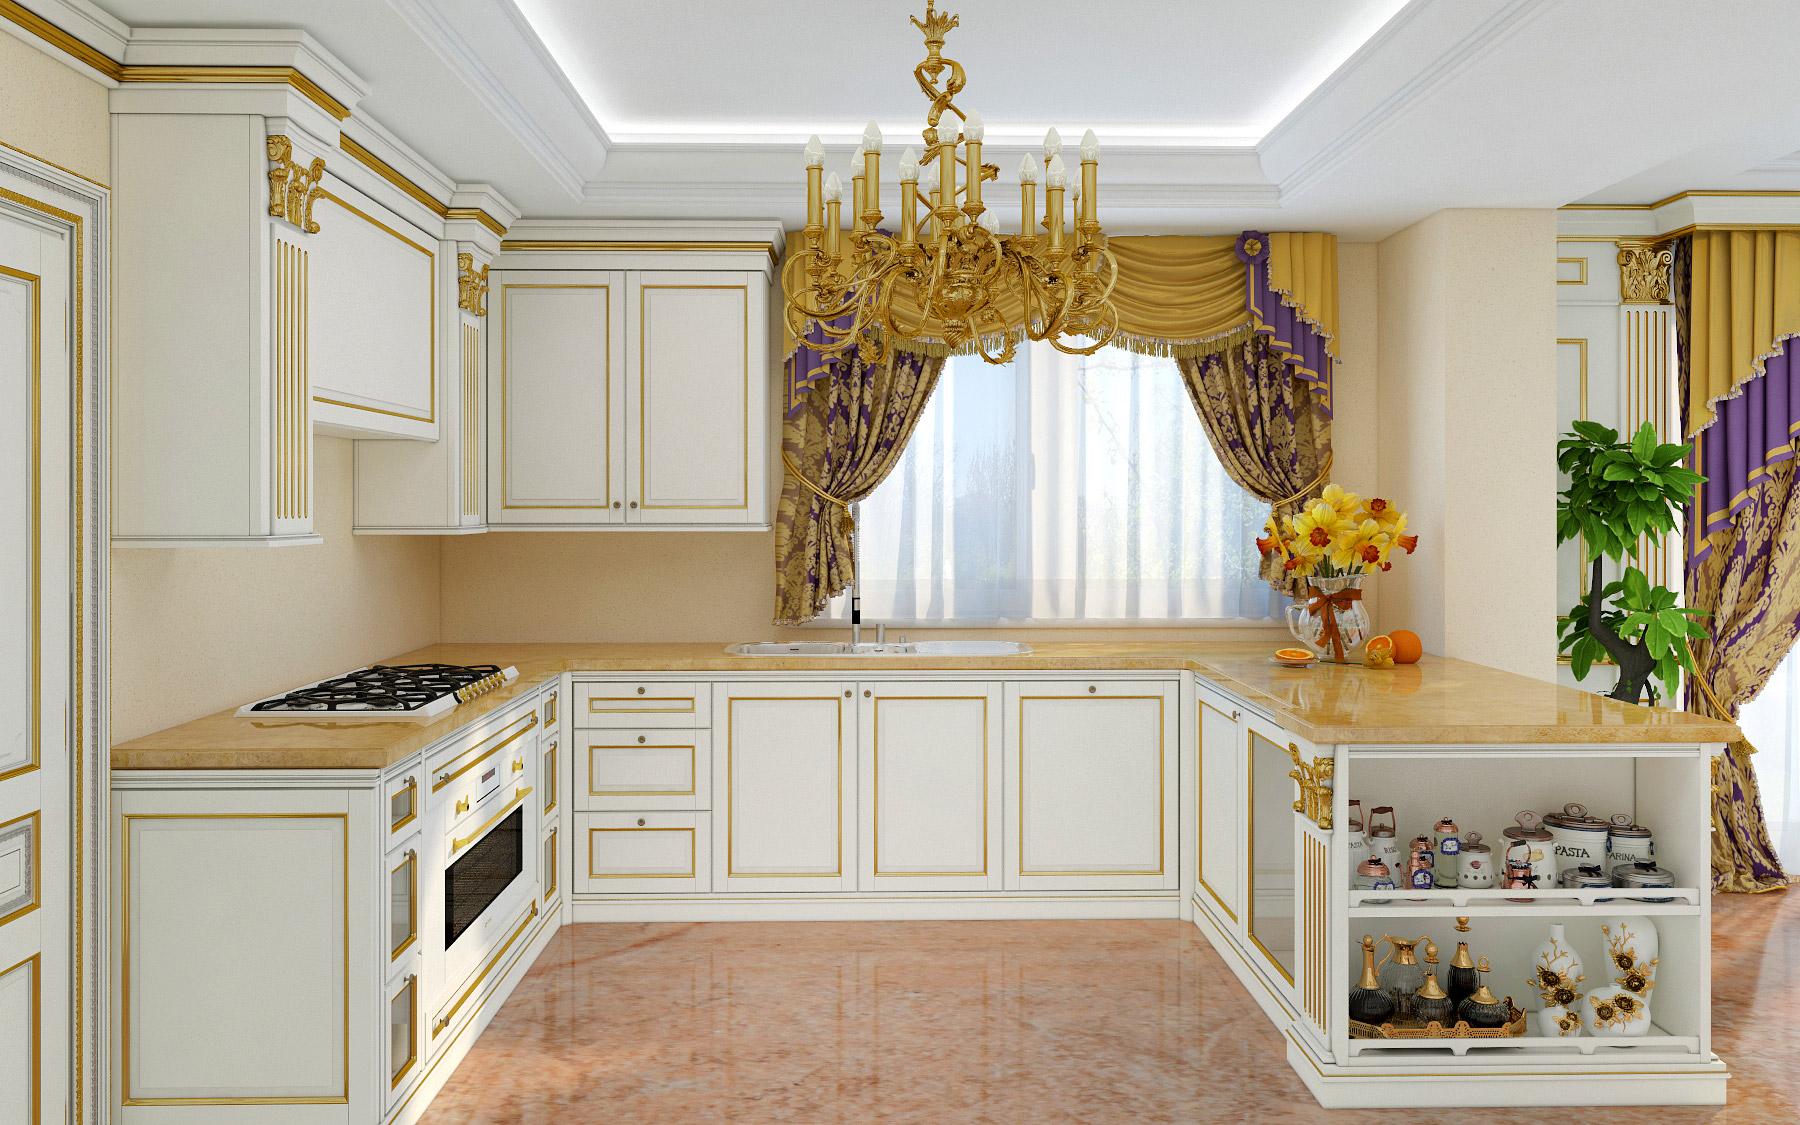 Cucina di lusso classica modello legacy vimercati meda for Cucina italiana mobili